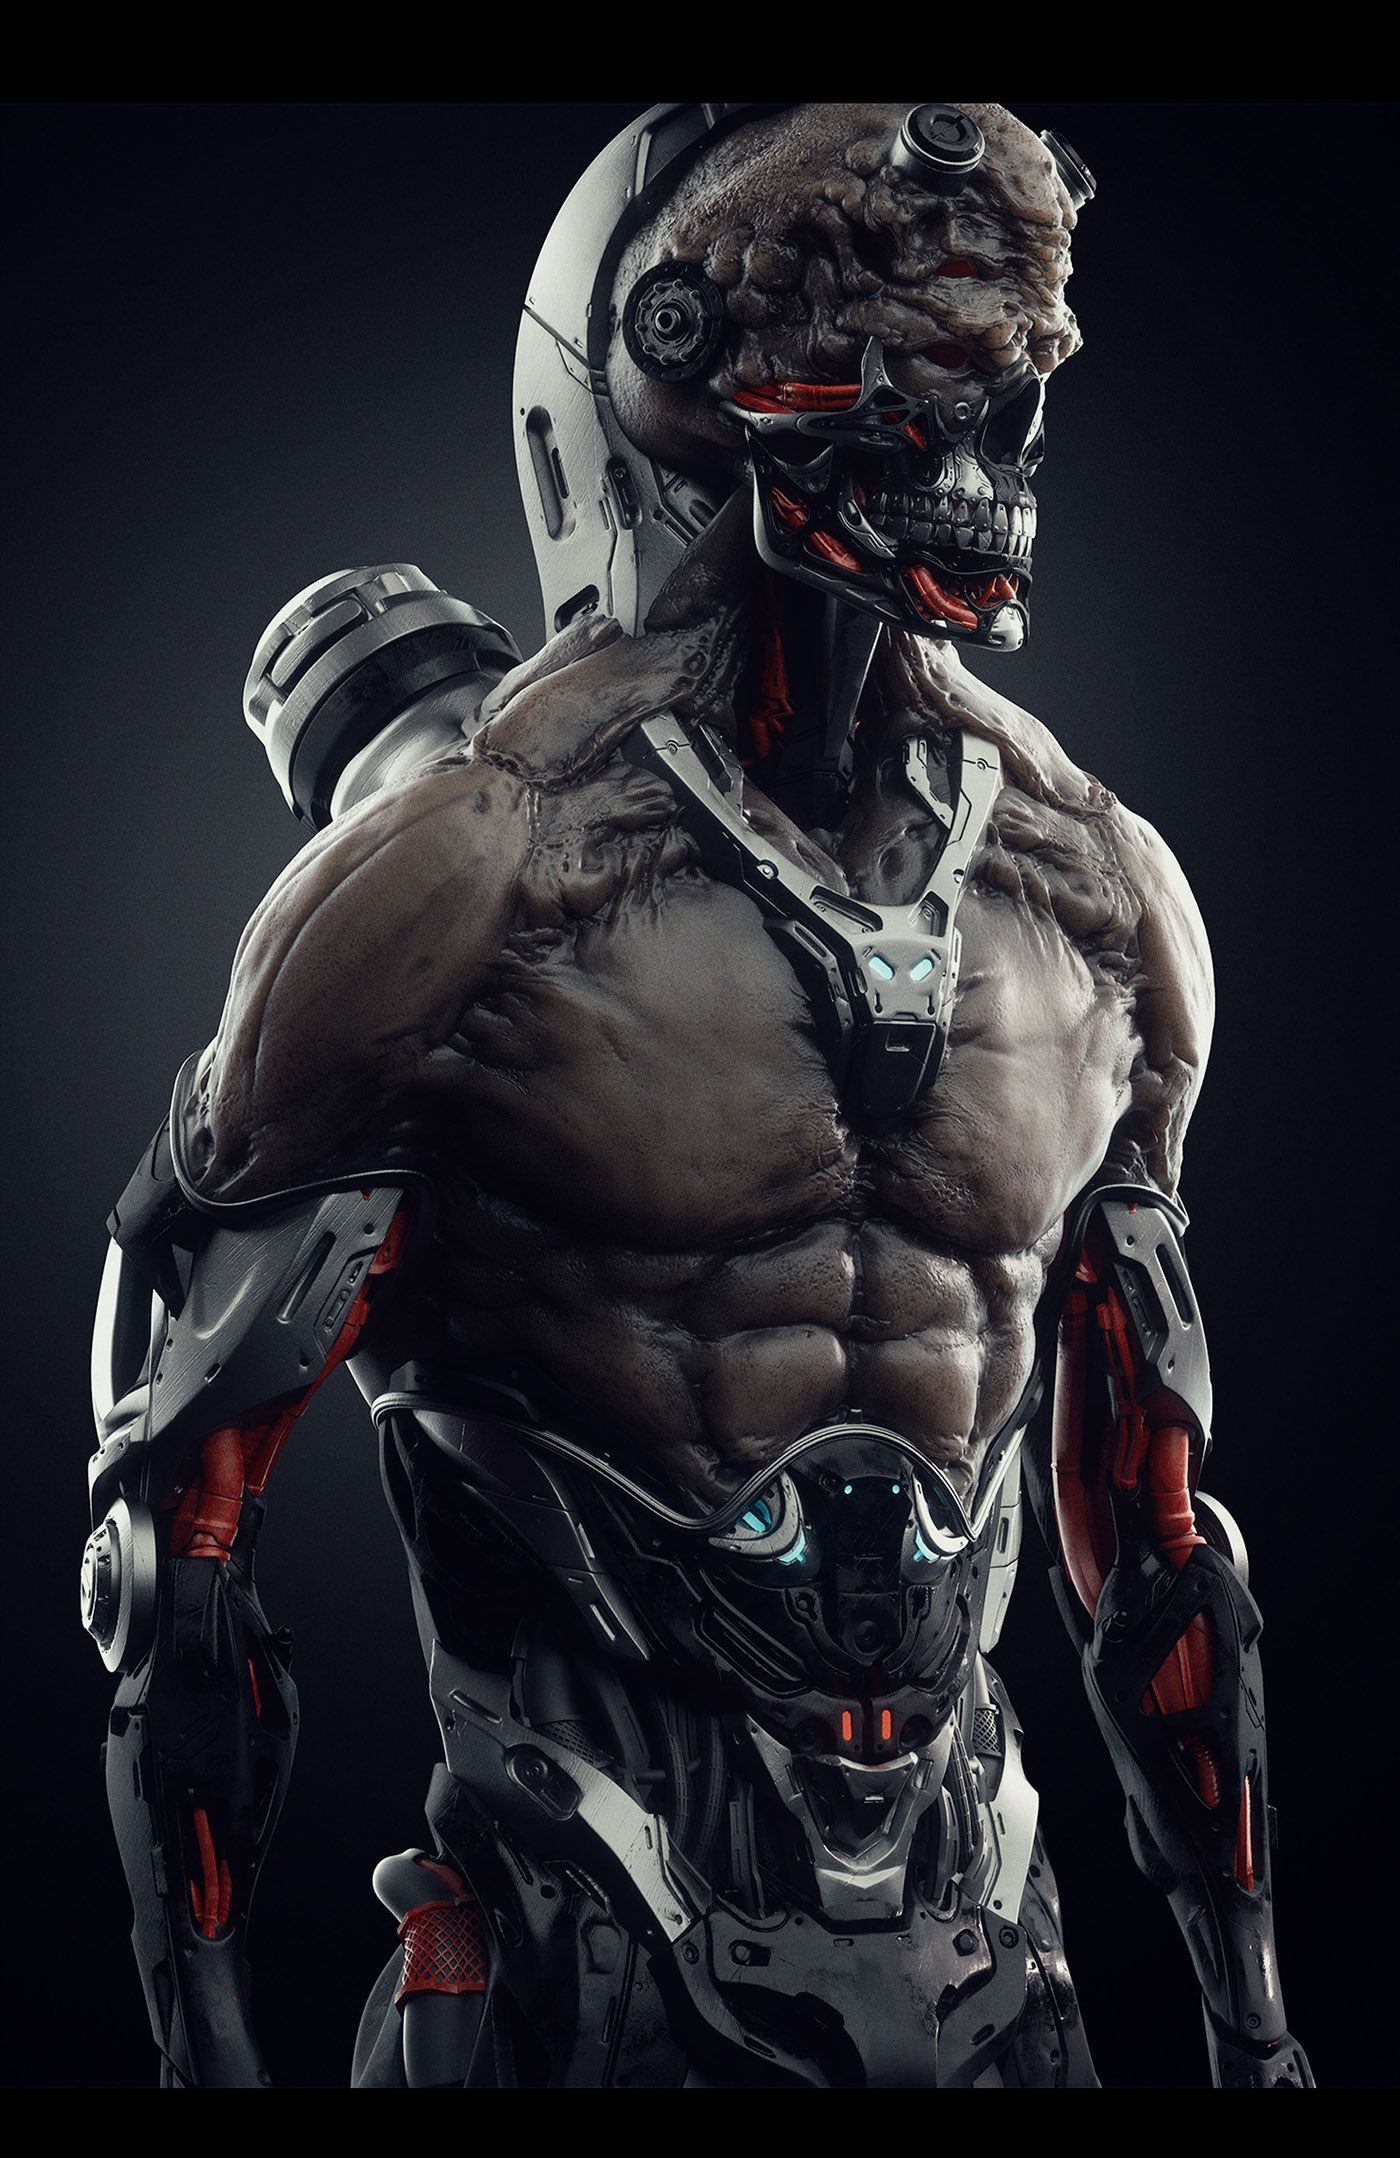 A&G / MECH DESIGN (With images)   Cyborgs art, Cyberpunk ...